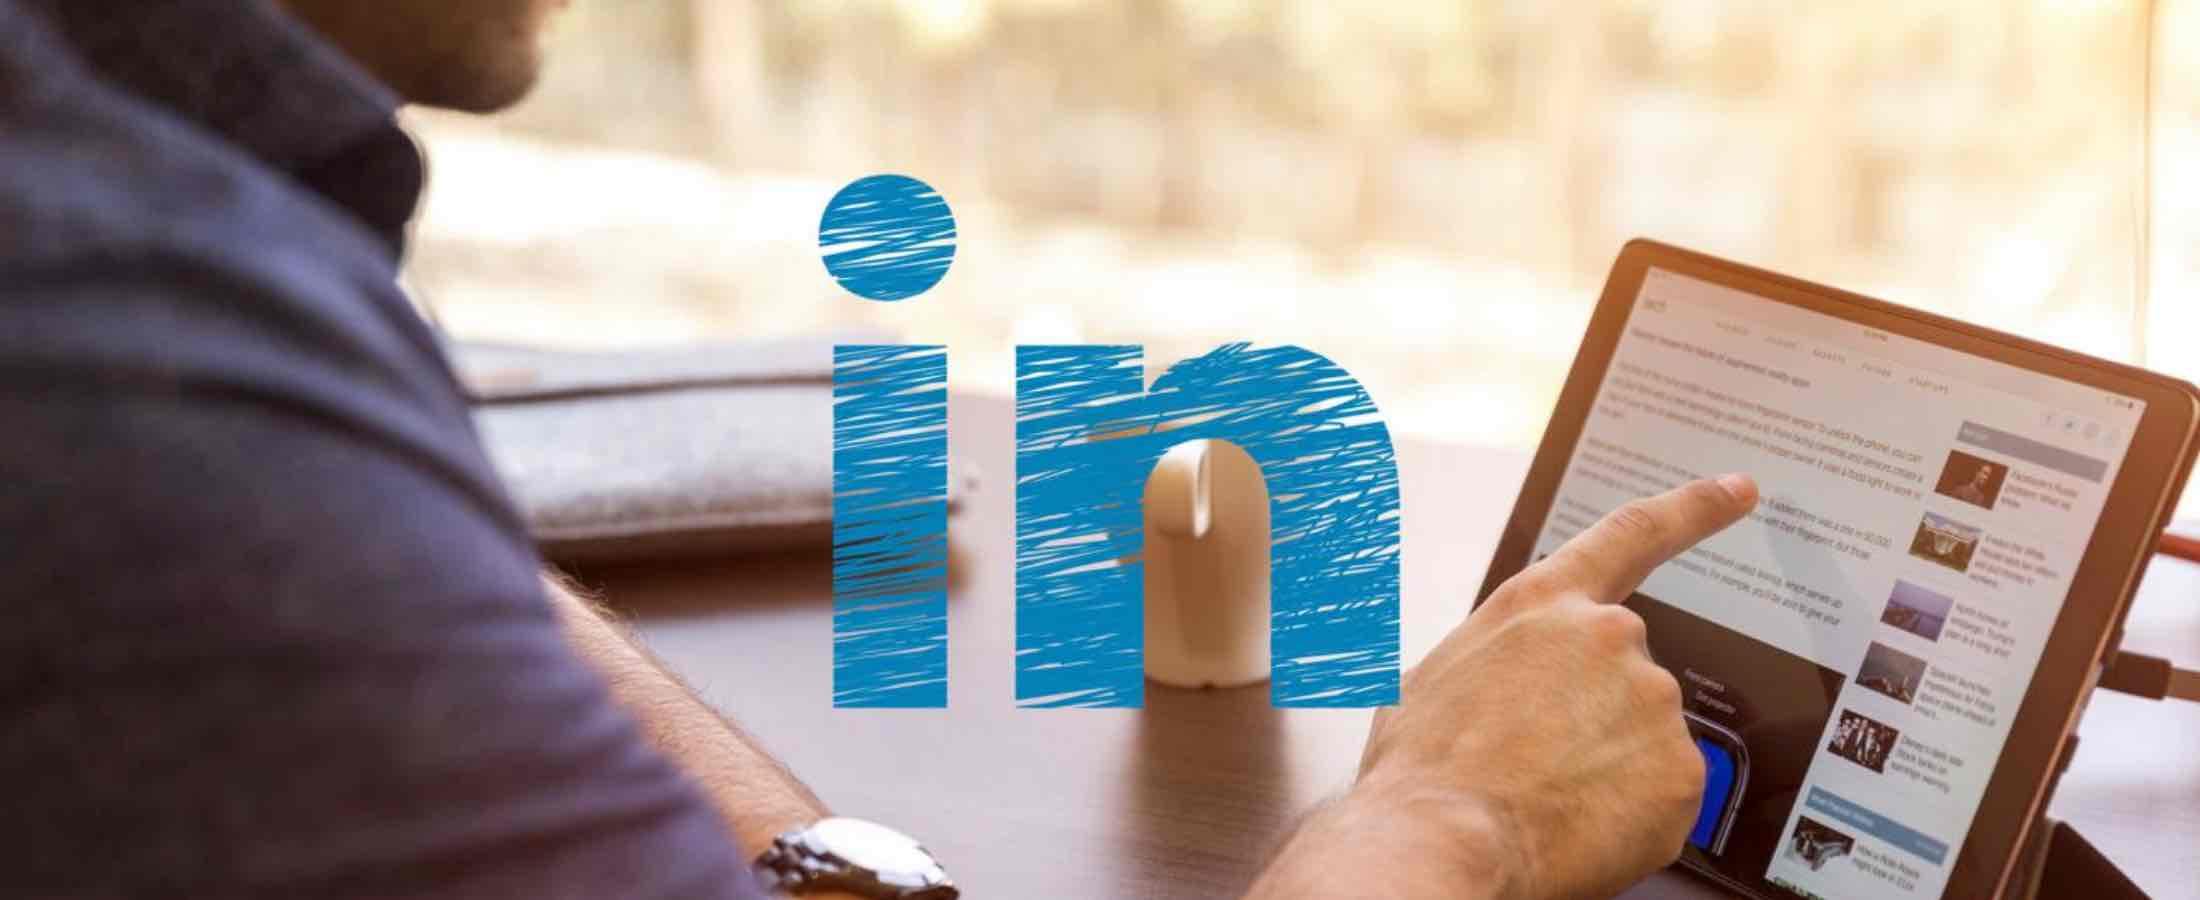 Linkedin Ads : Conseils et bonnes pratiques